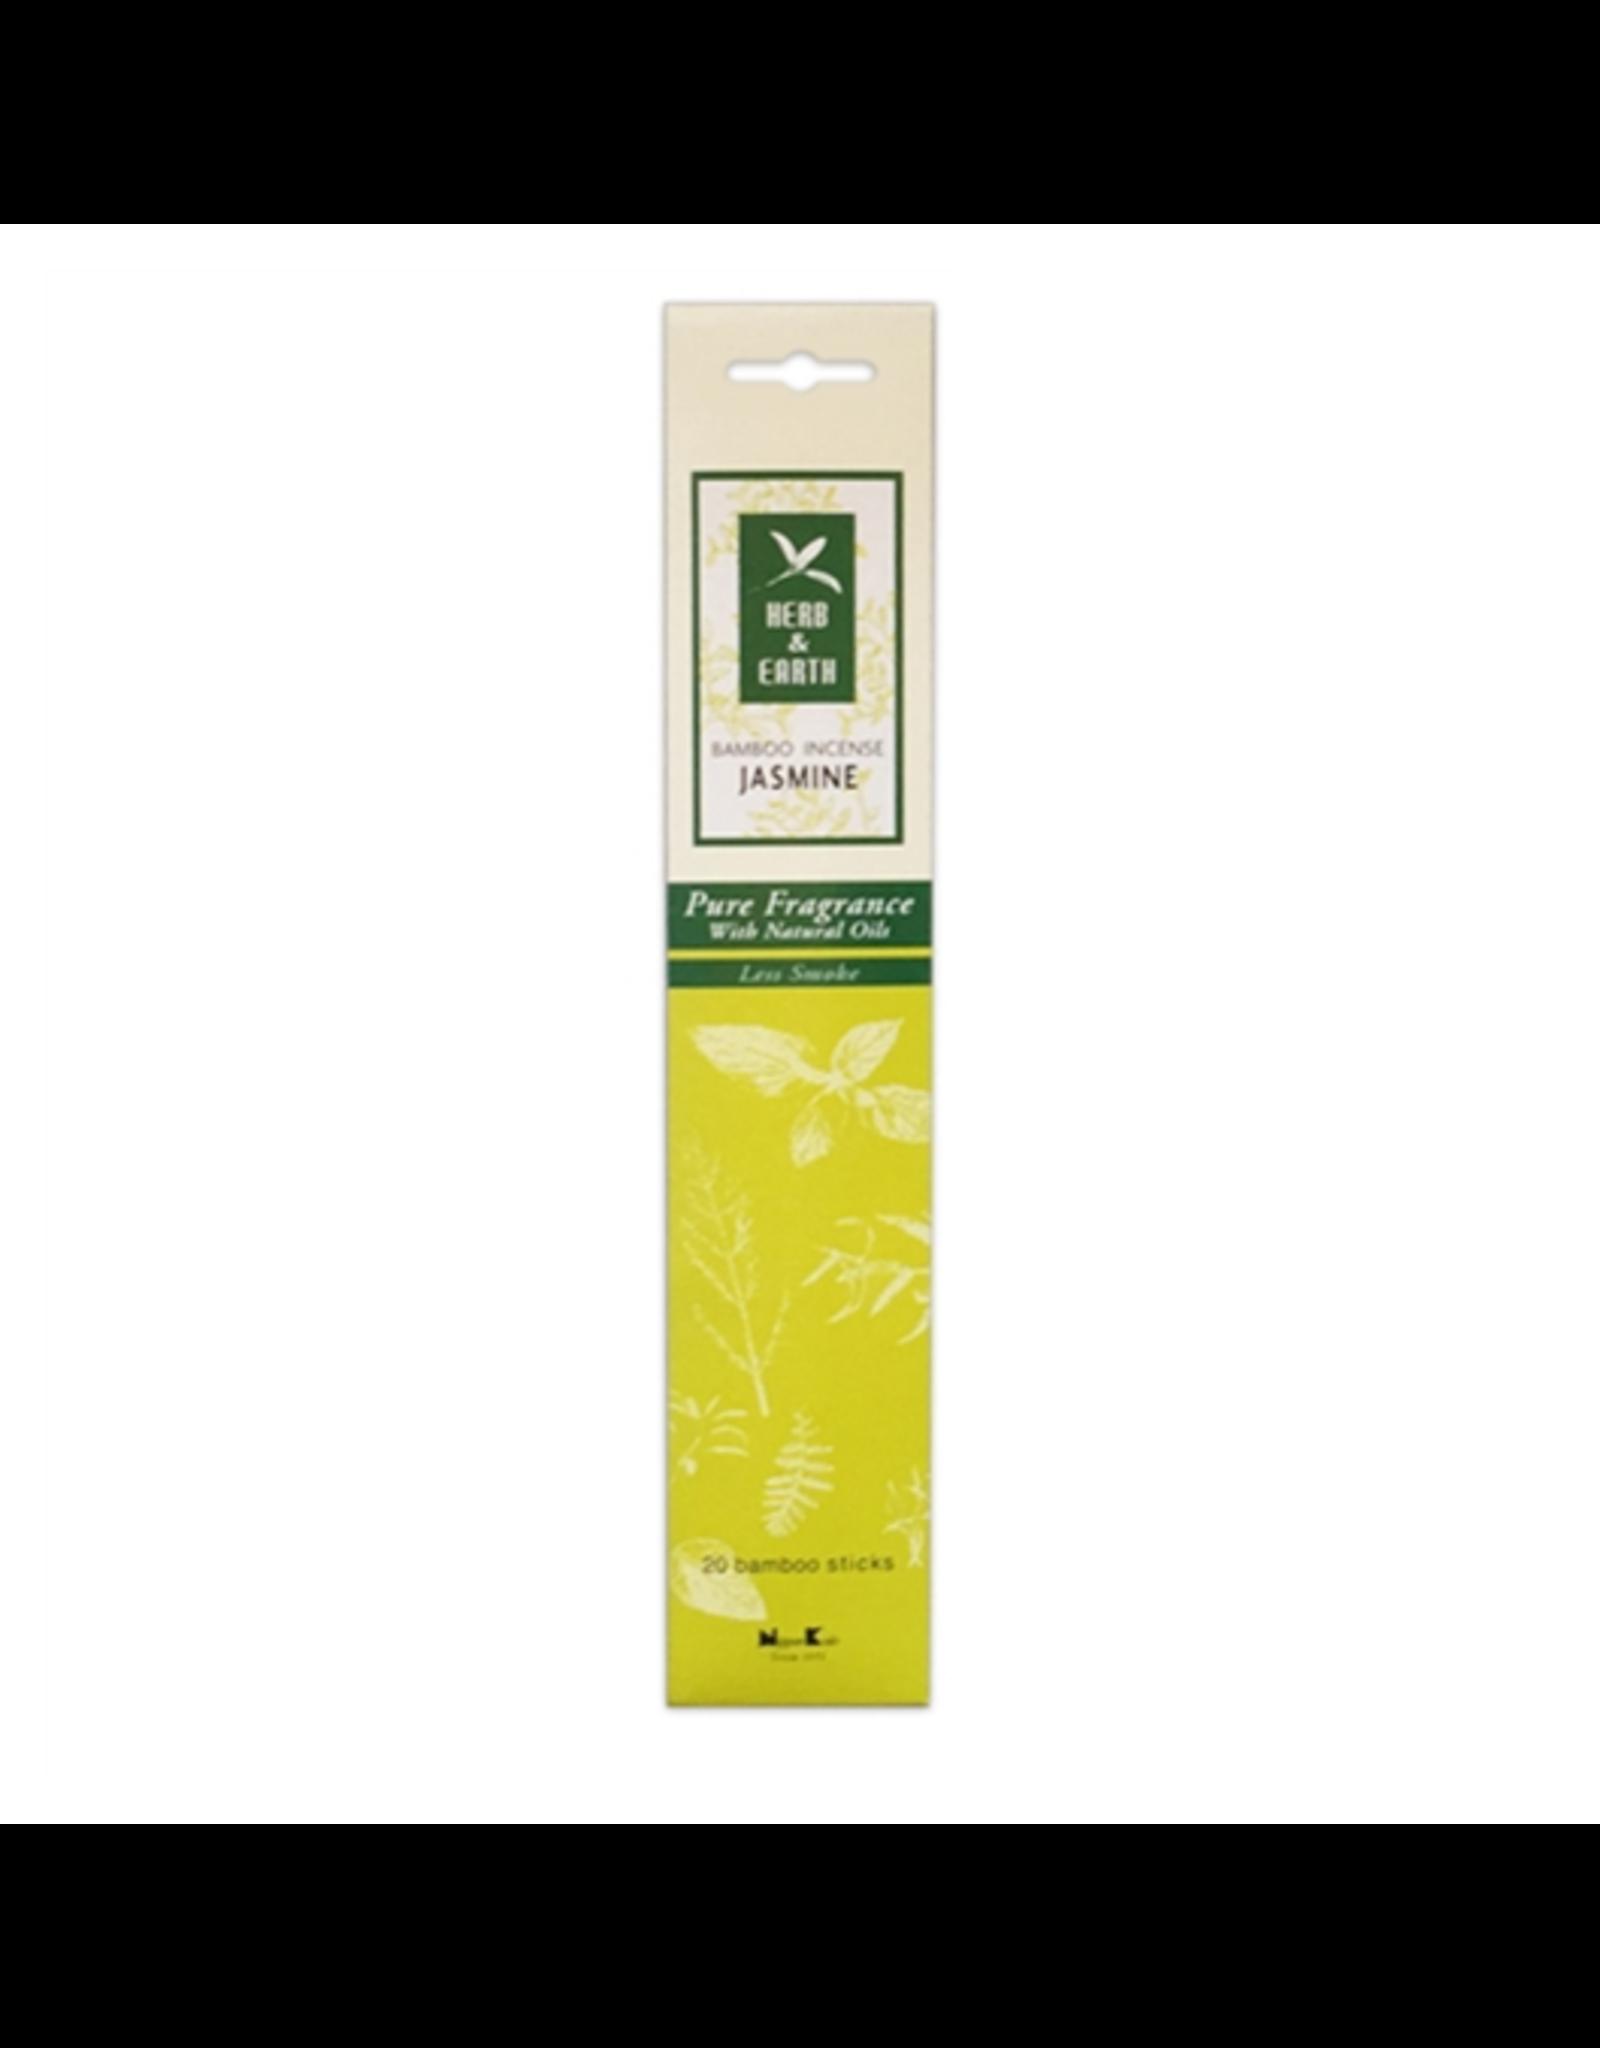 Nippon Kodo Herbs & Earth Jasmine